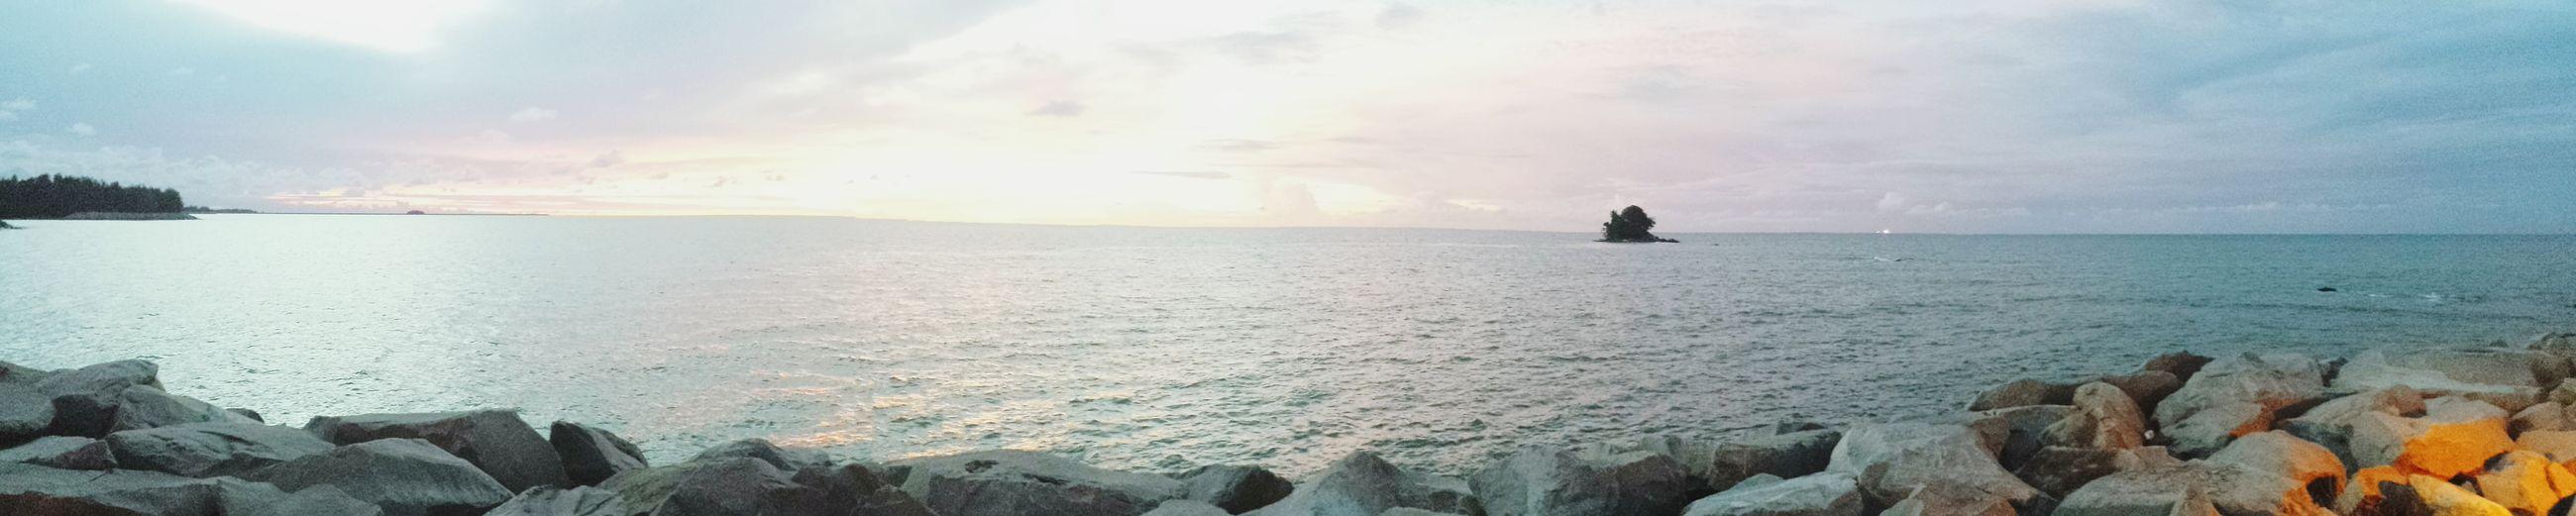 Sea Sunset Reflection Sunlight Beach Sky Outdoors Nature Travel Destinations Sunbeam Water Beauty In Nature Cloud - Sky Brunei Darussalam